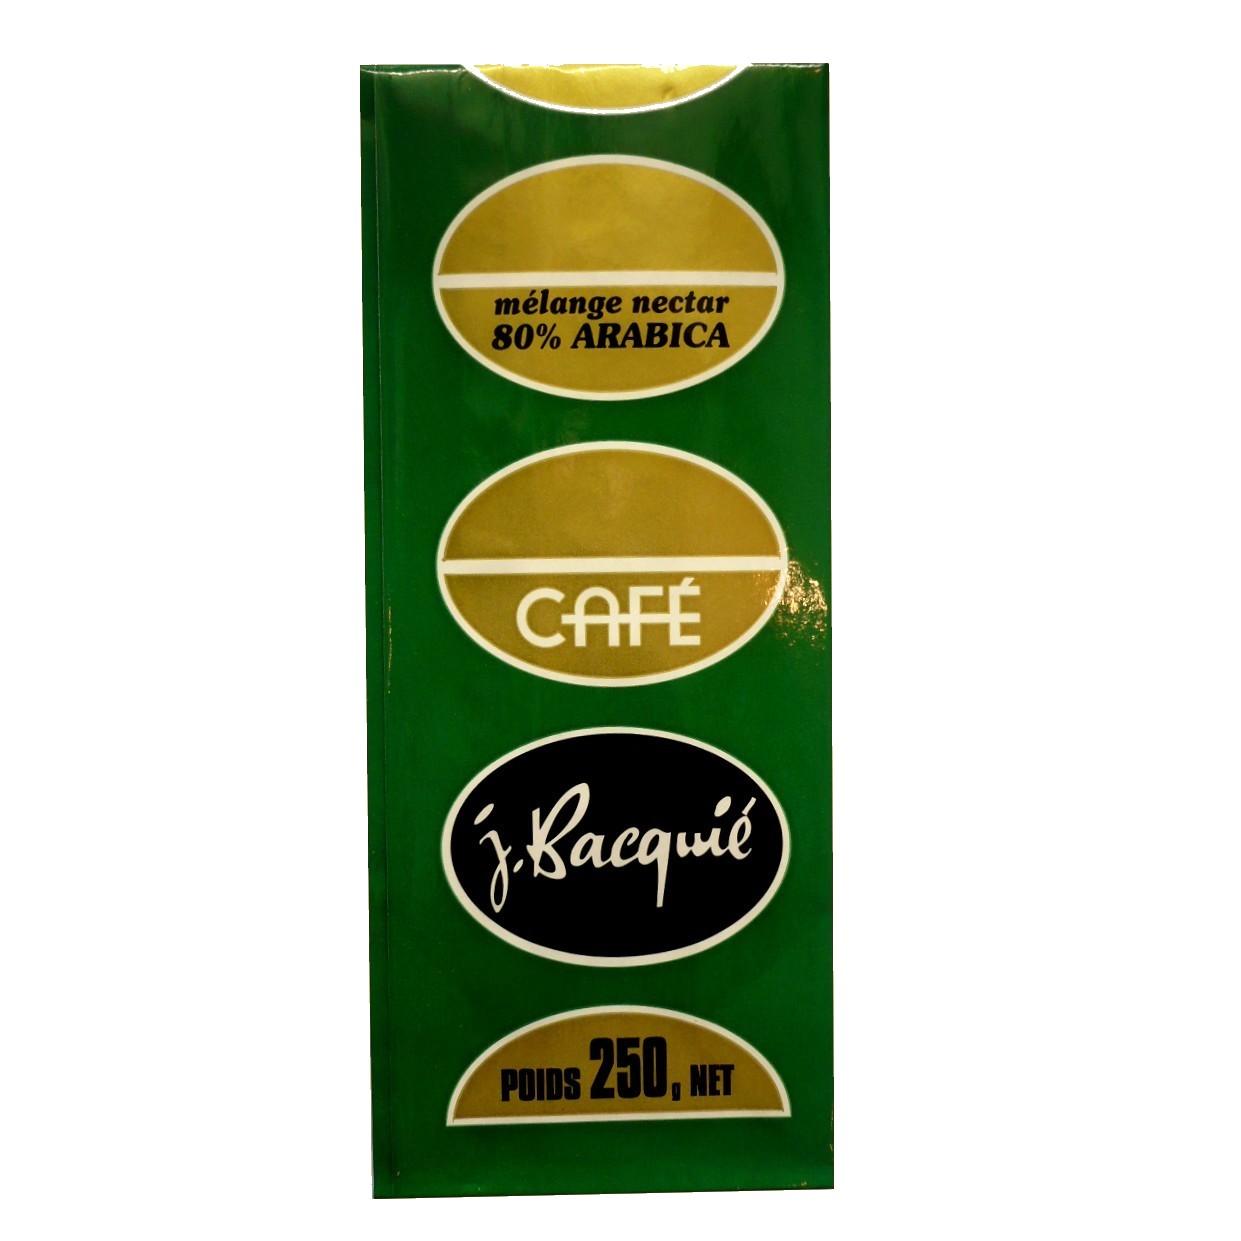 Café Mélange Nectar 80 % Arabica